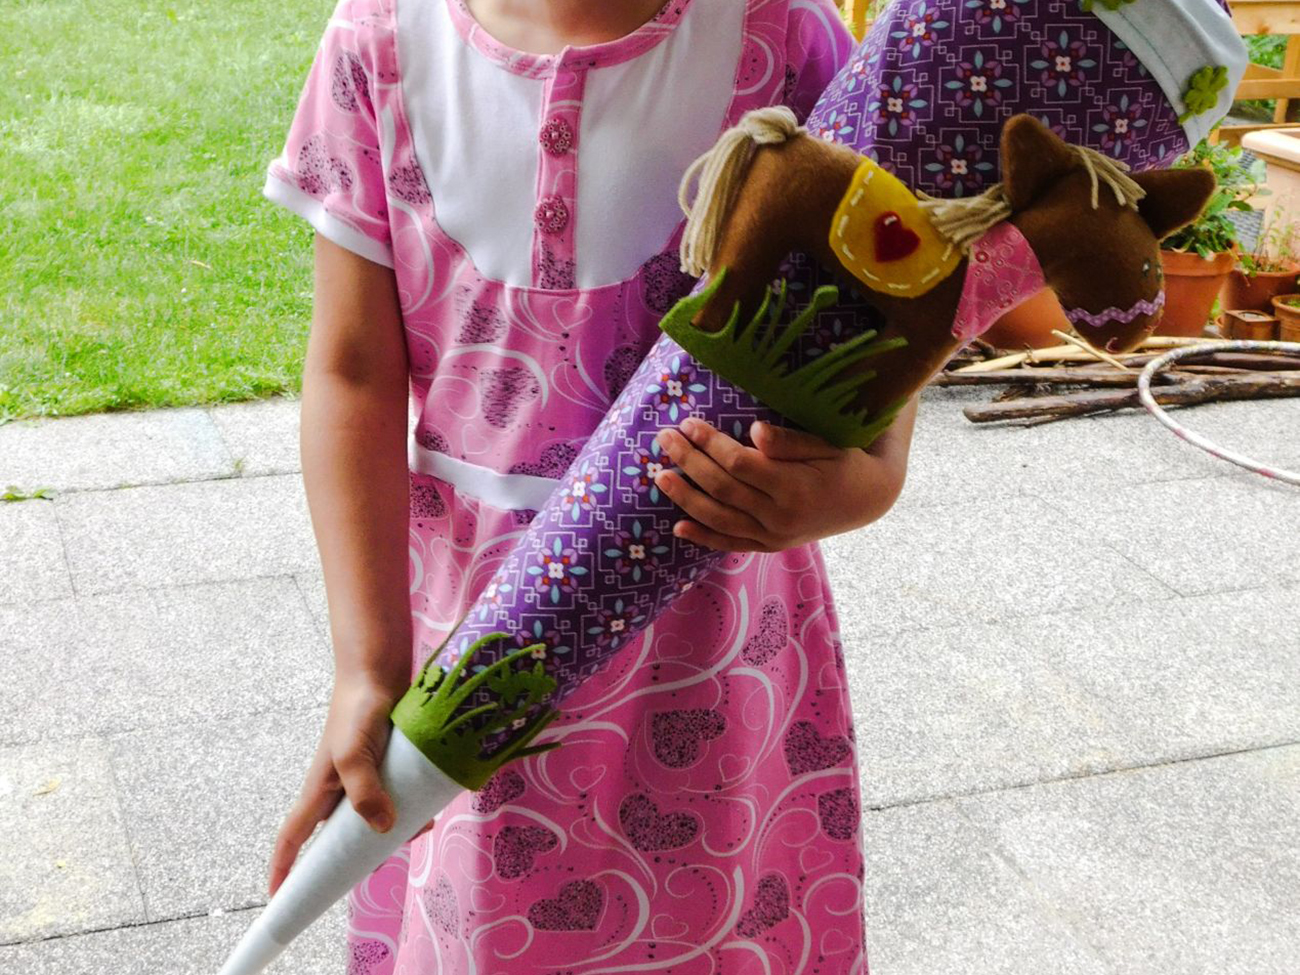 Ein neuer Lebensabschnitt beginnt: Kleid & Schultüte für den Schulanfang nähen